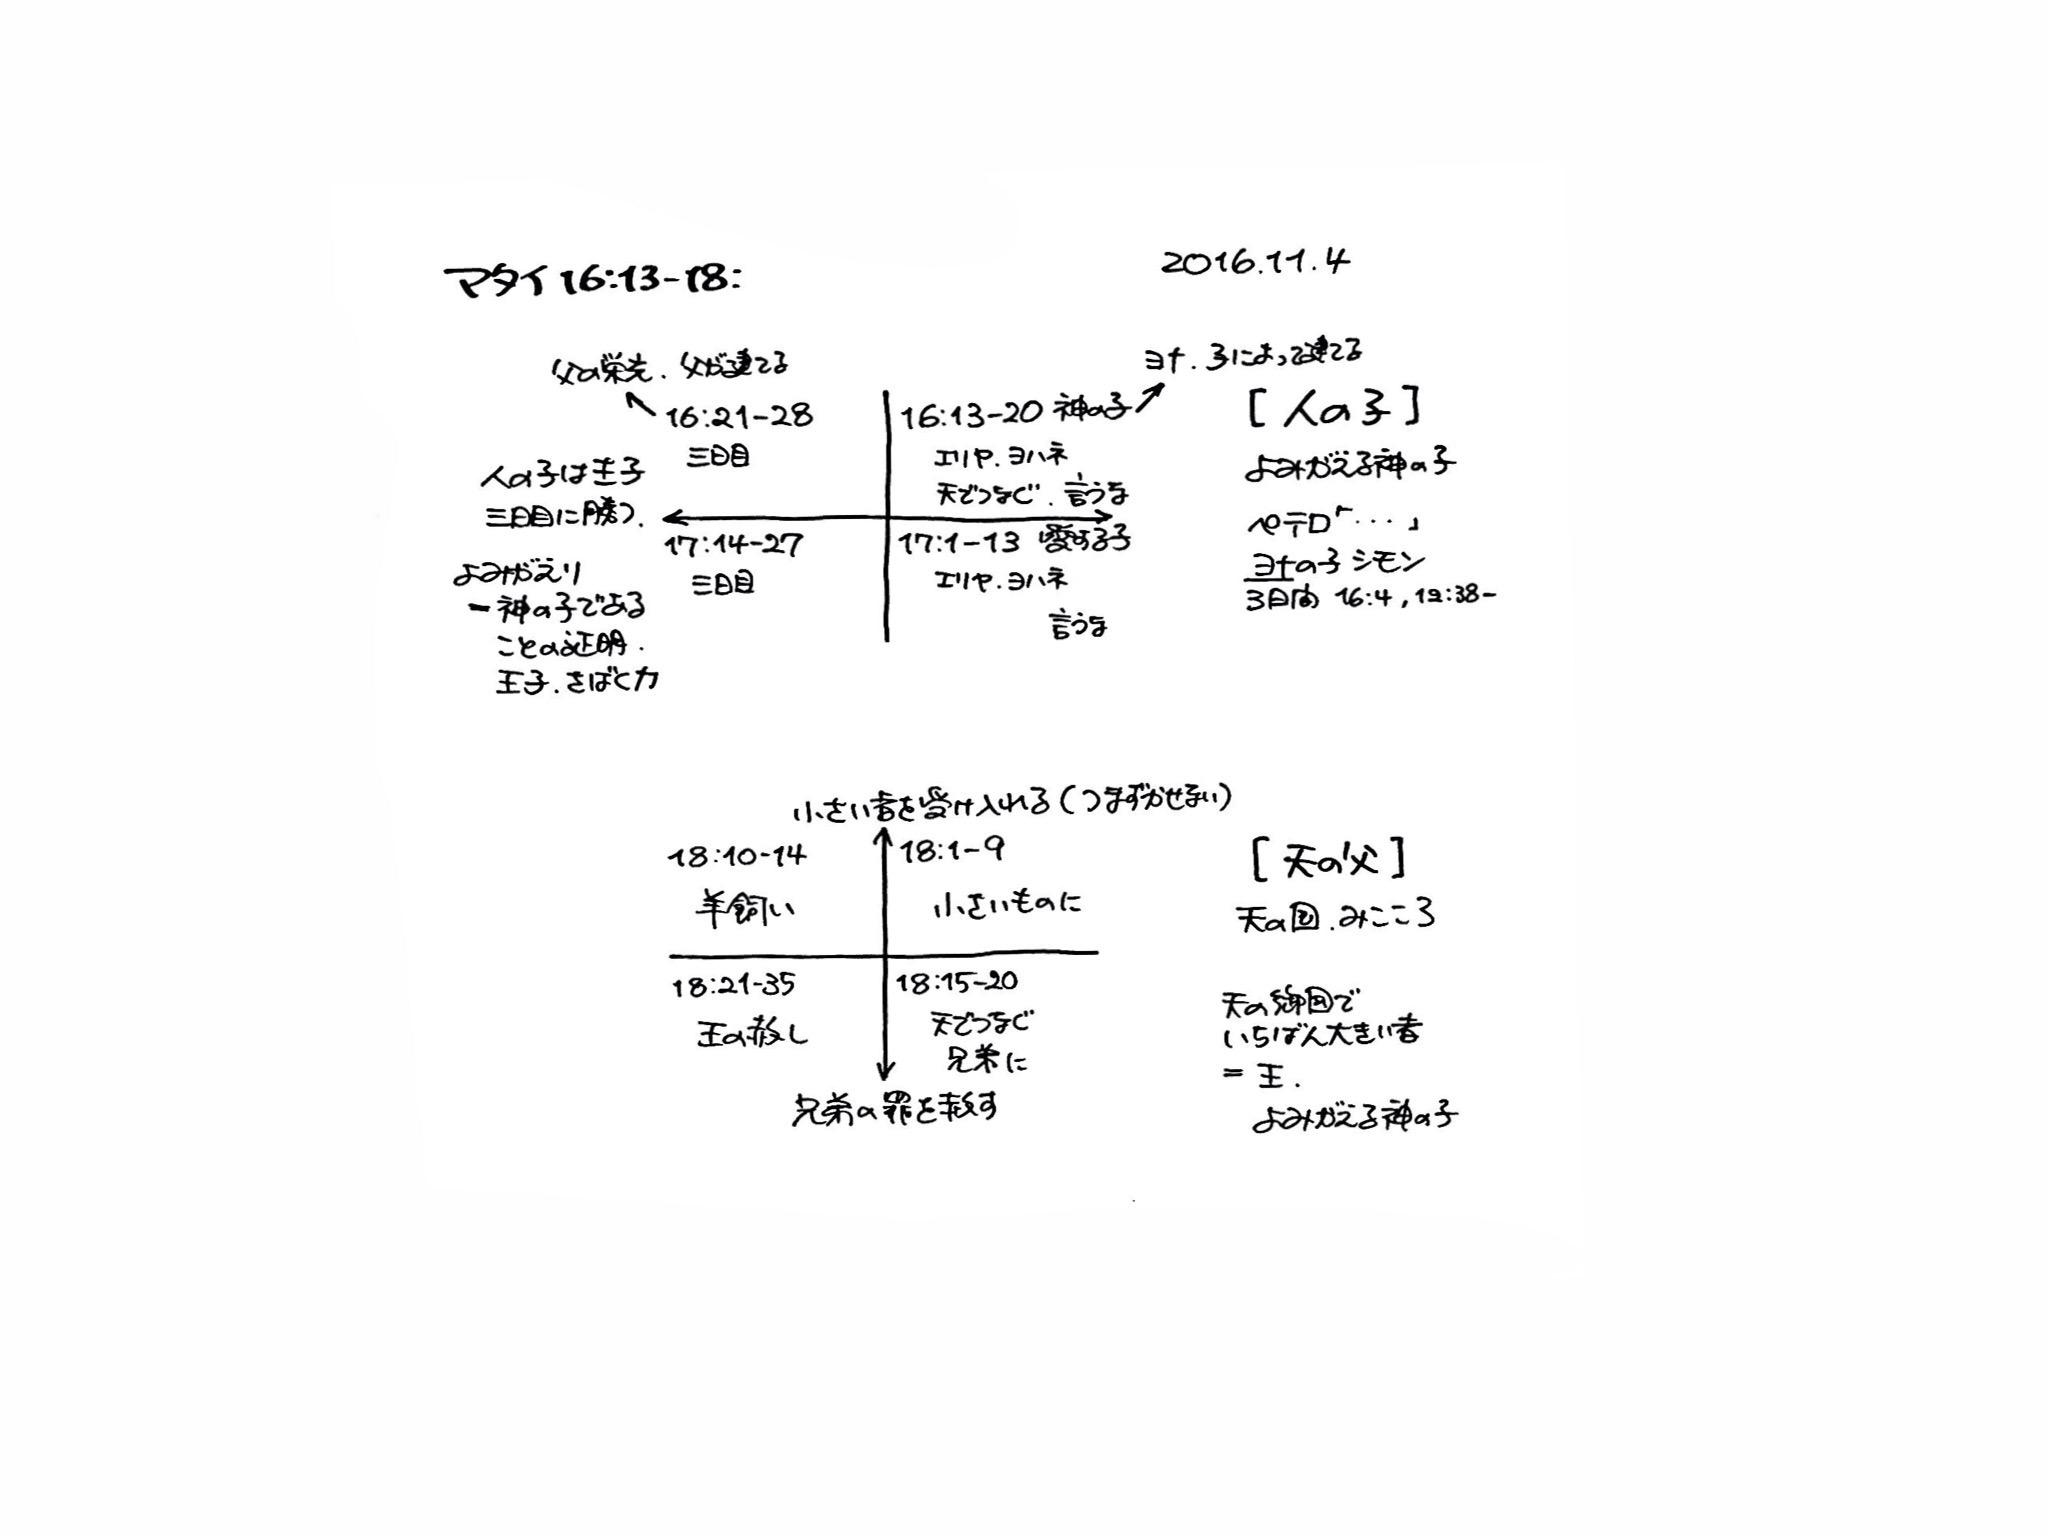 マタイ福音書 16-20章の構造分析